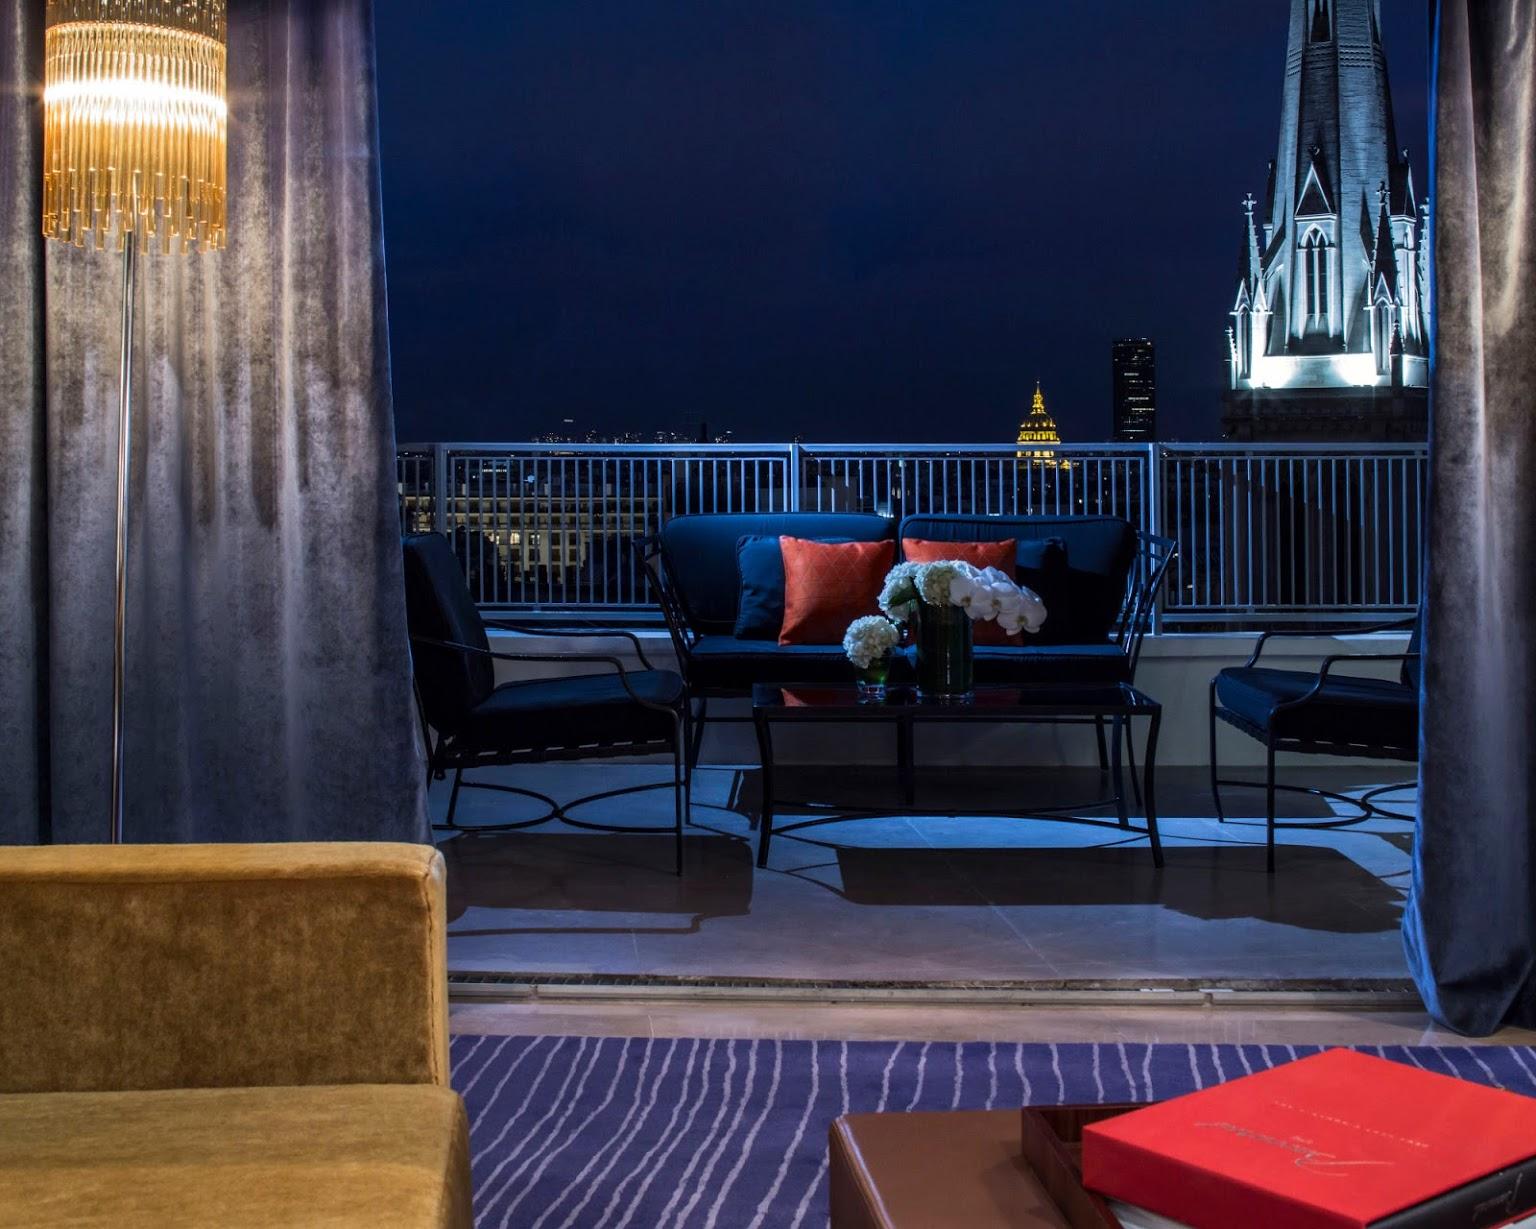 Rooftop - Hôtel de Sers : Le Salon Marquis - Paris - Toi Toi Mon Toit